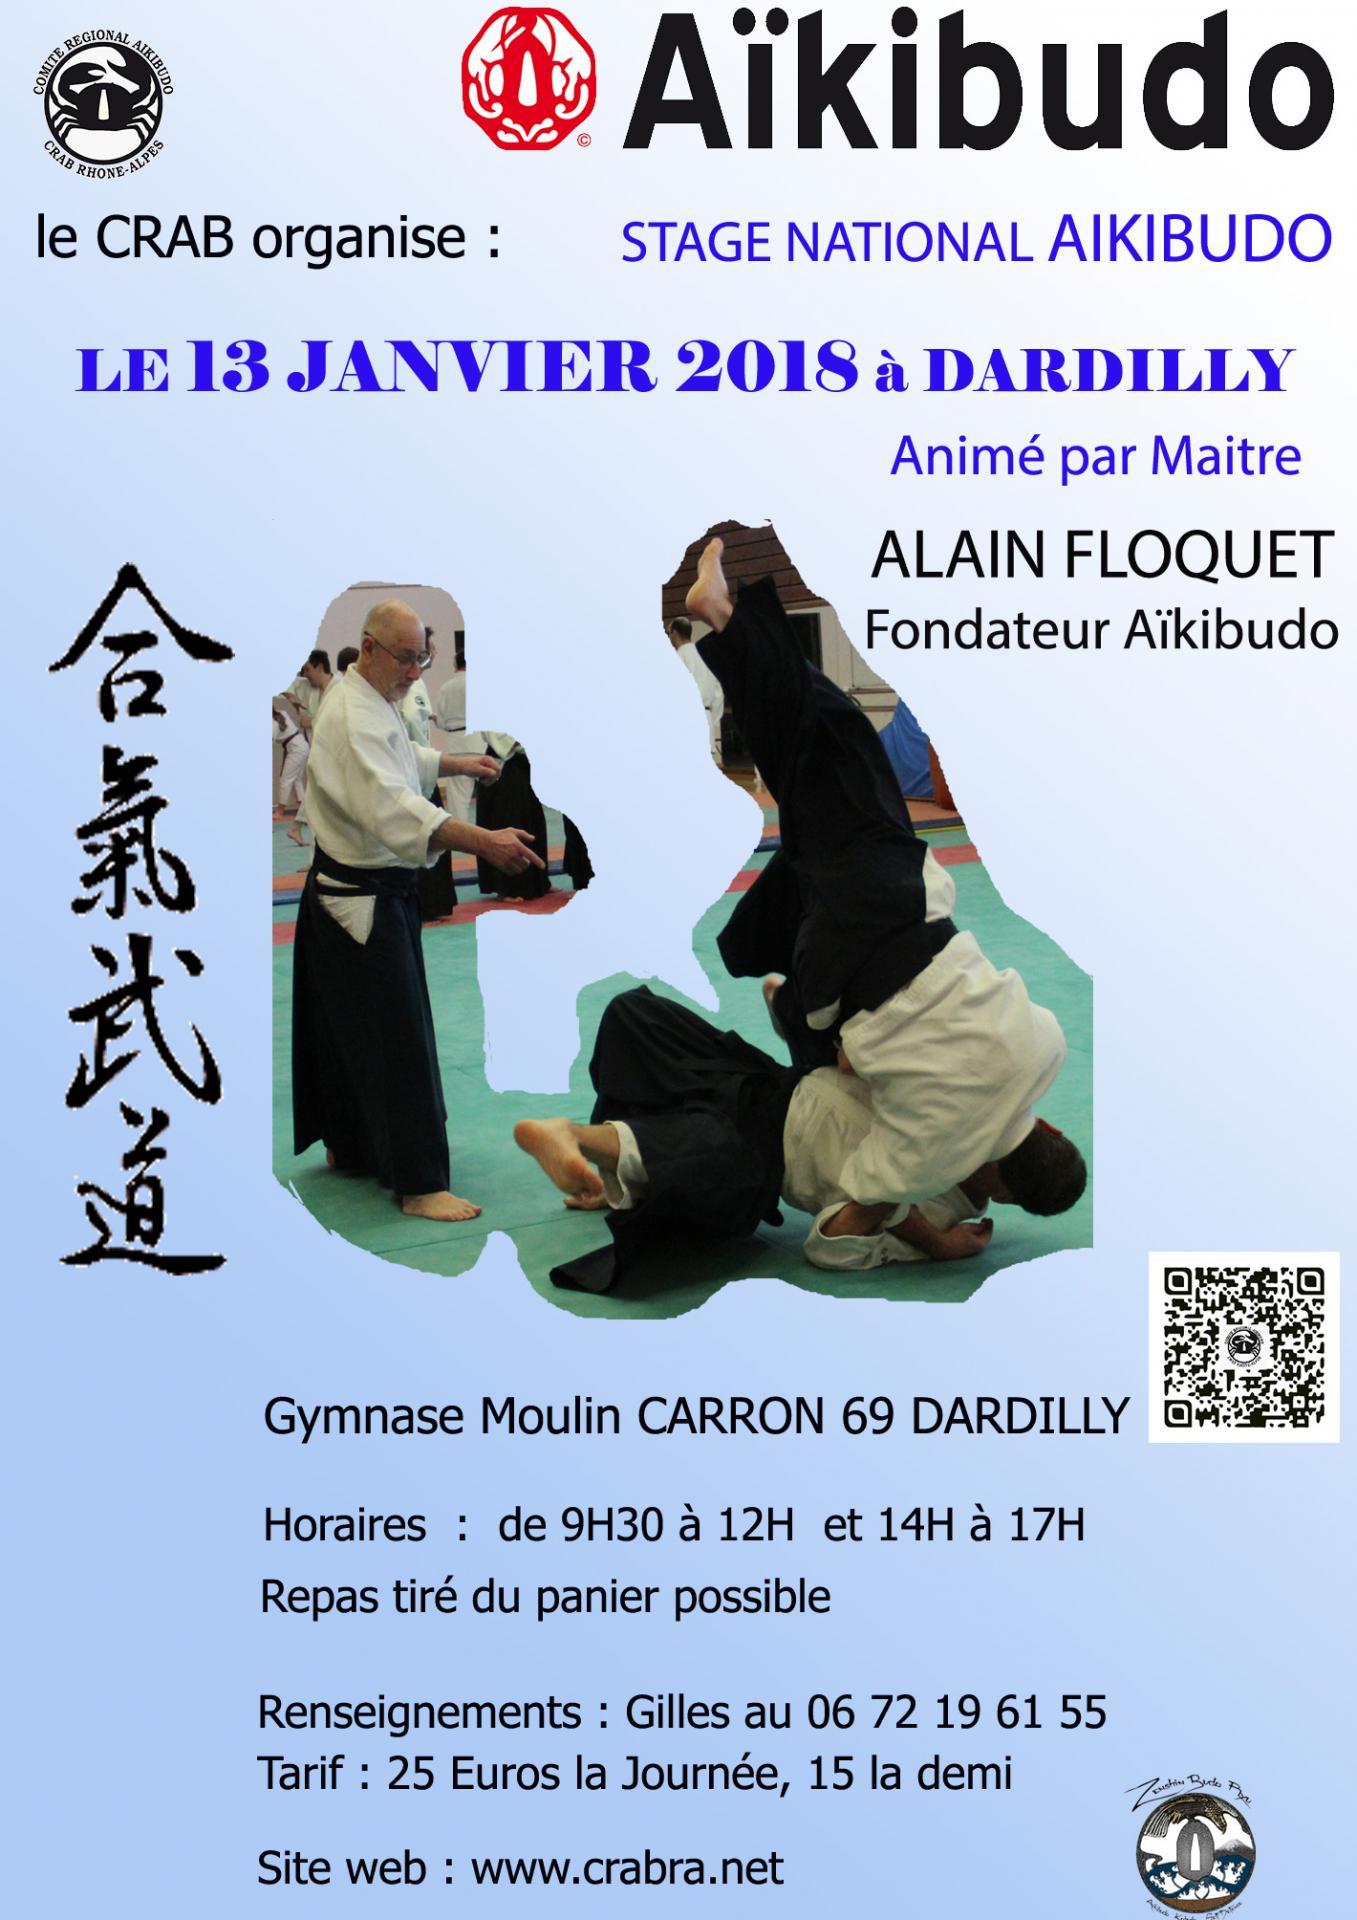 Aikibudo dardilly 2018 01 13